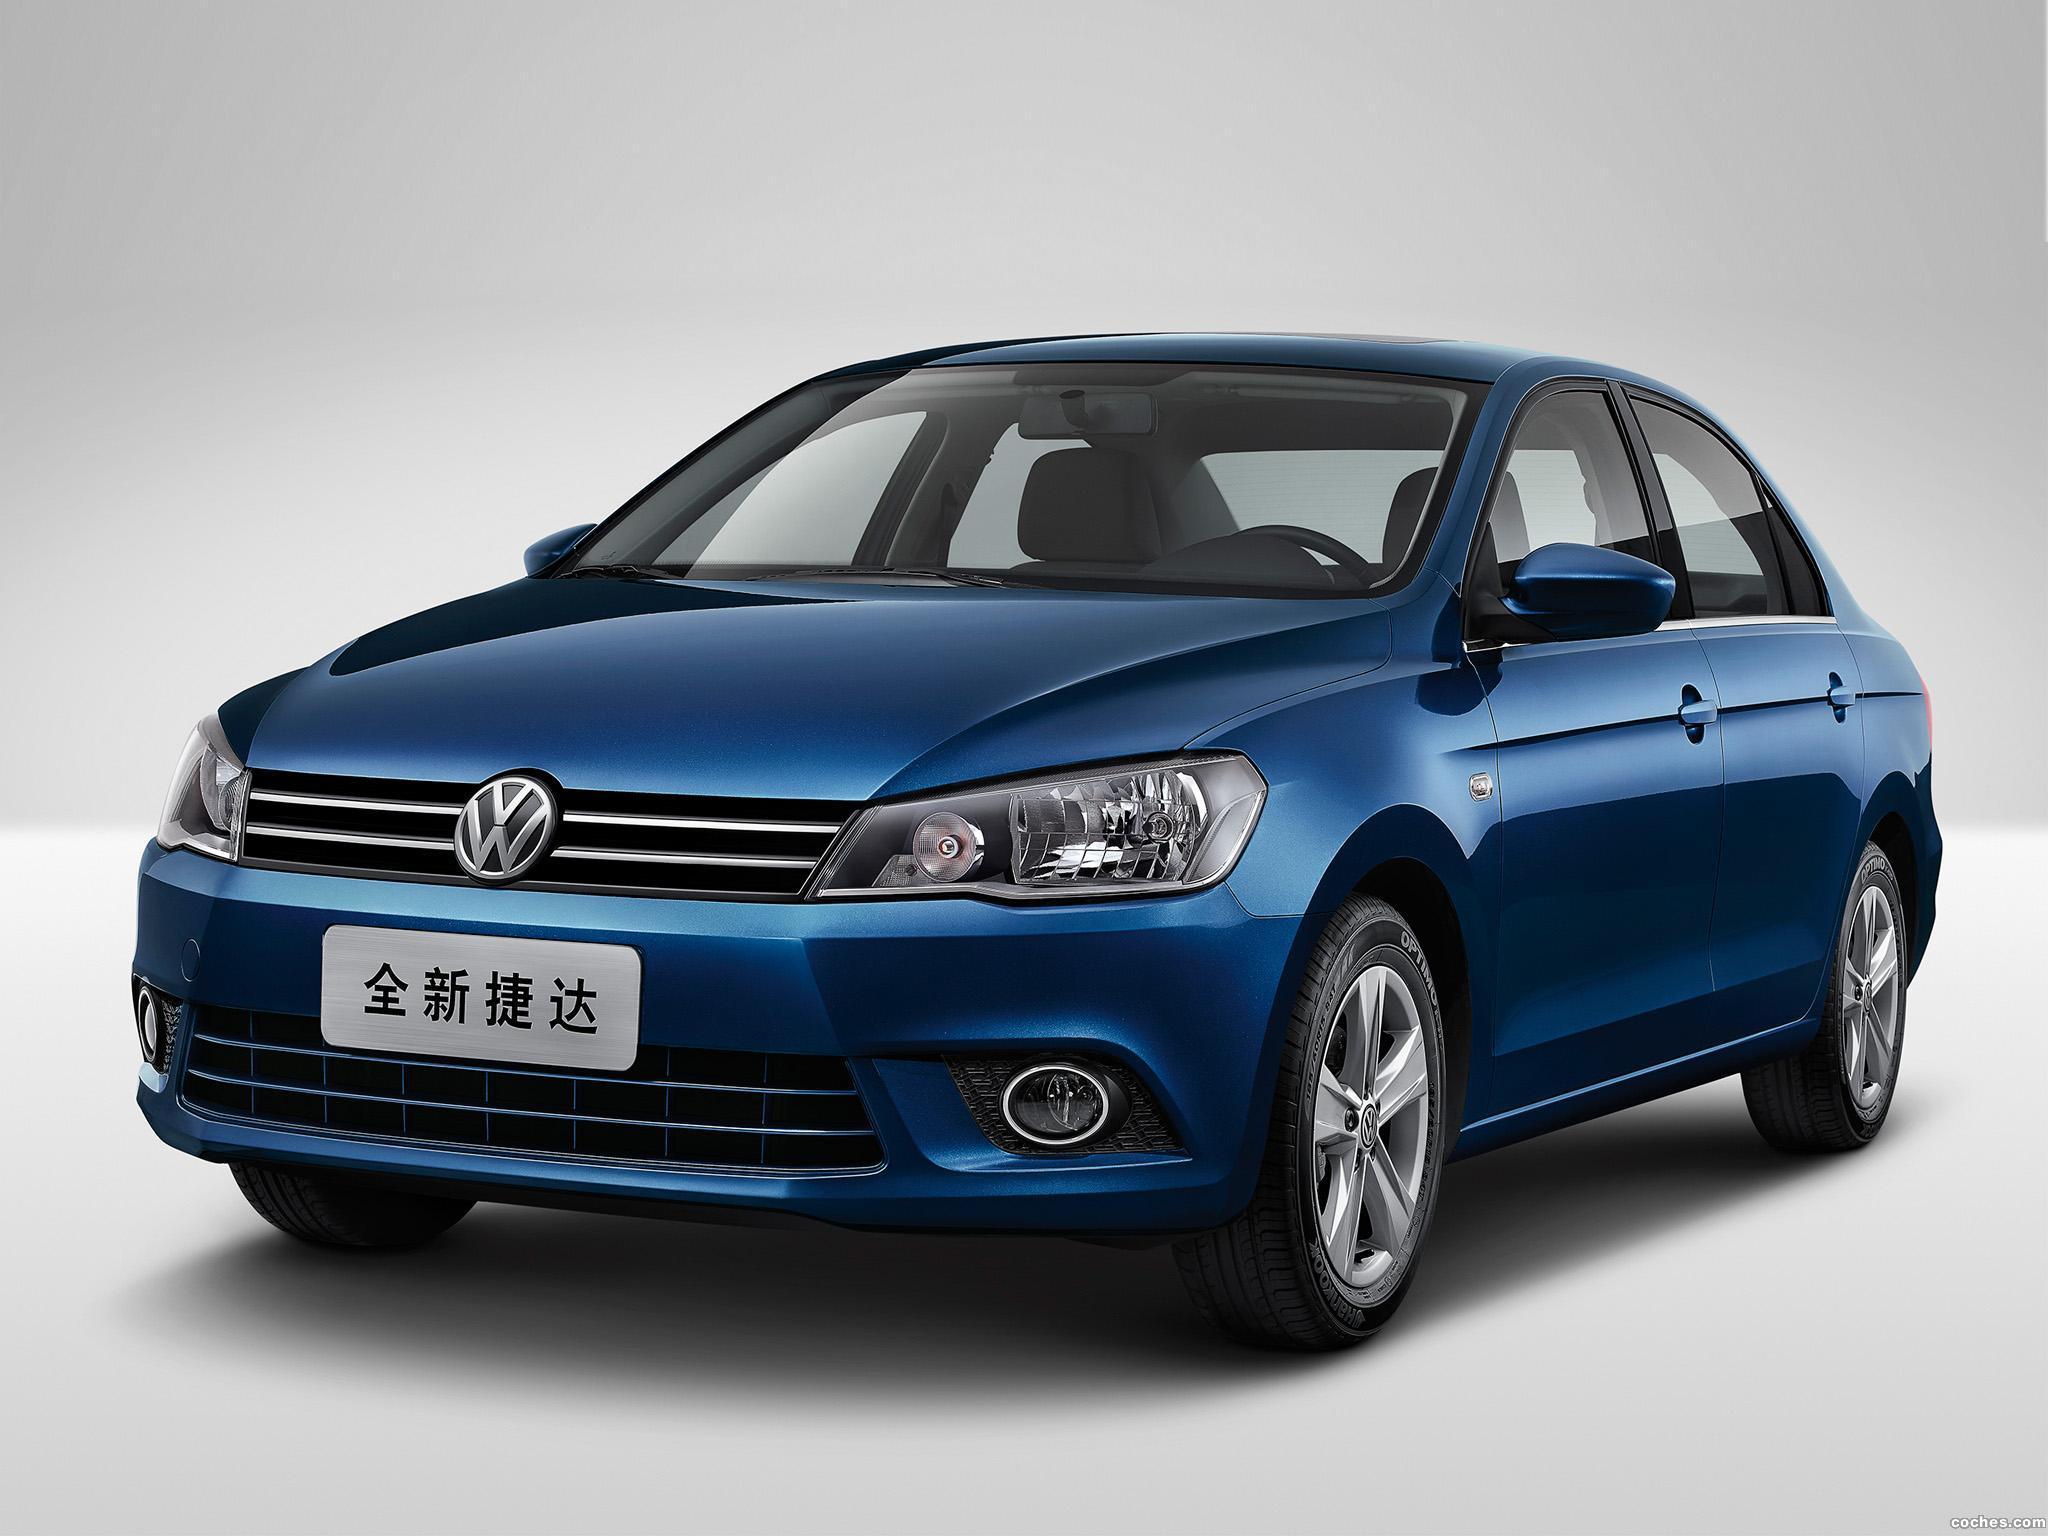 Foto 0 de Volkswagen Jetta China 2013